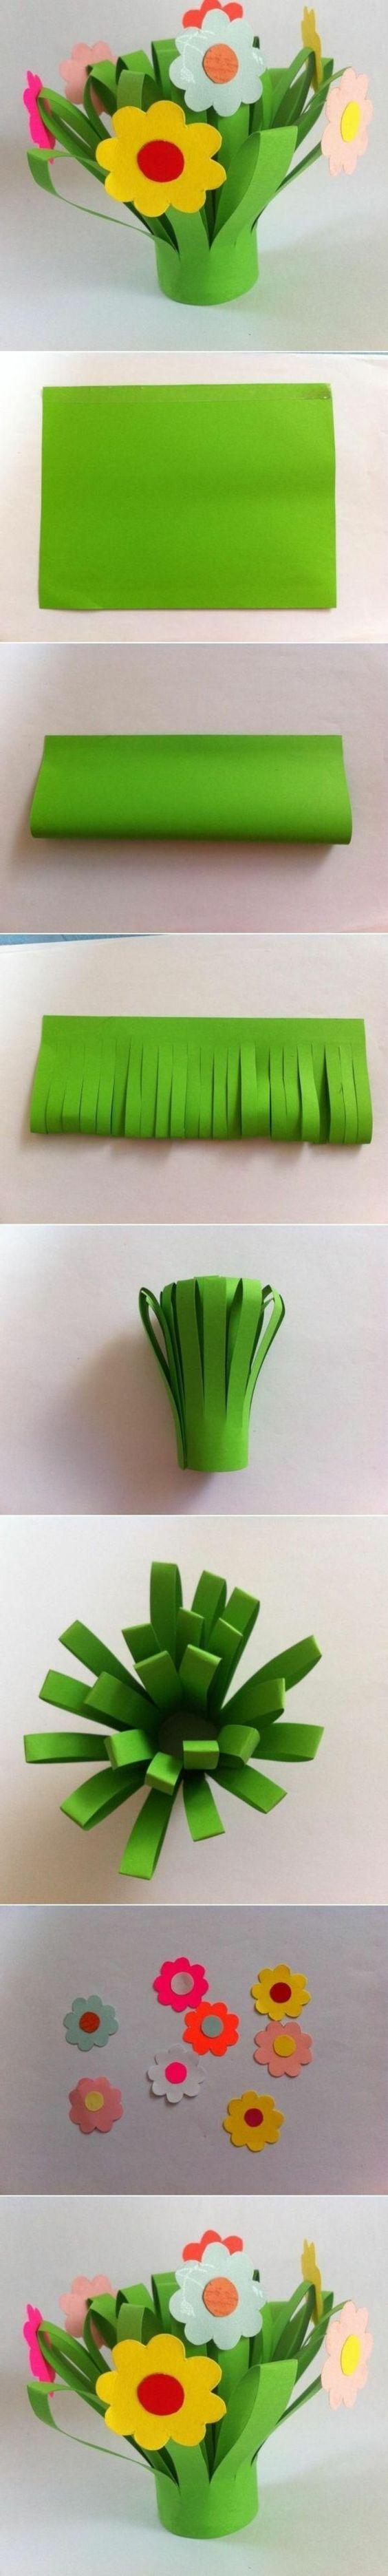 tuto comment fabriquer un bouquet de fleur artificiel, tiges en papier et fleurs multicolores, activite manuelle pour maternelle: